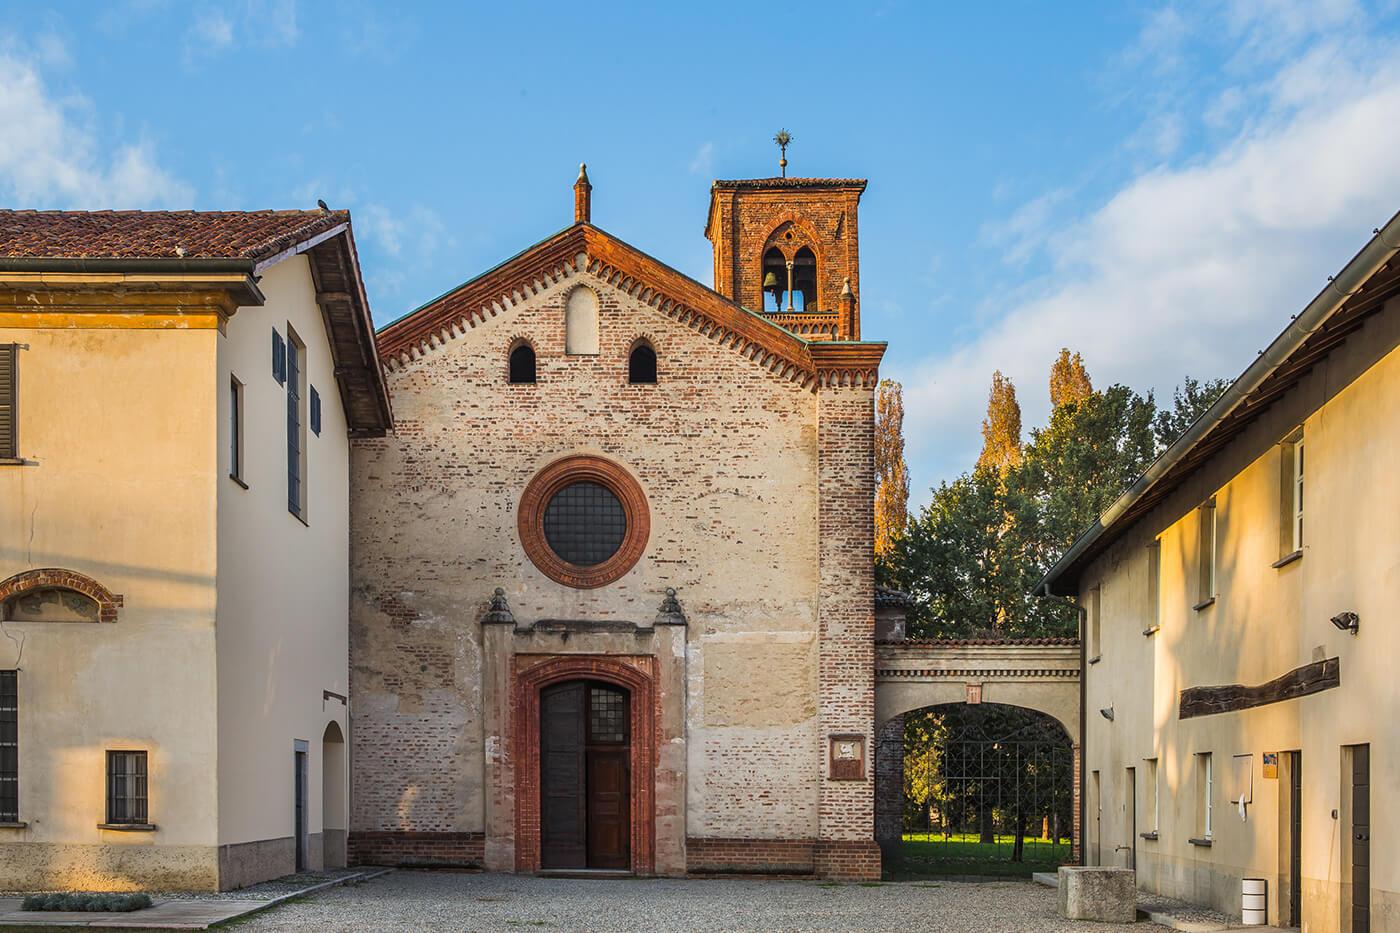 dimore quartetto abbazia mirasole_4